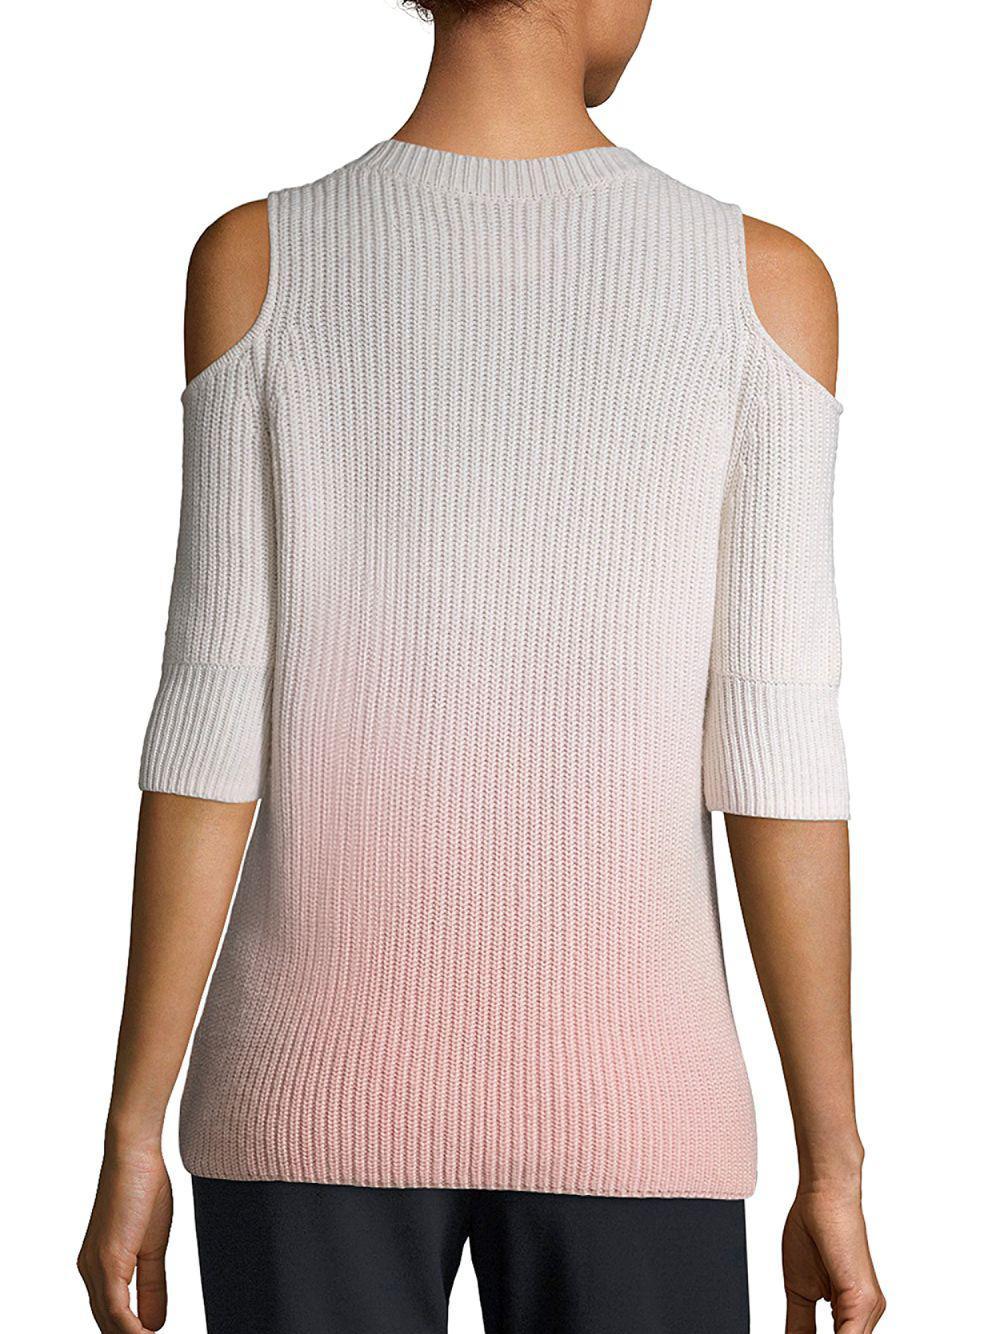 d627f1143fe Zoe Jordan Dias Ombre Cold-shoulder Wool & Cashmere Sweater - Lyst